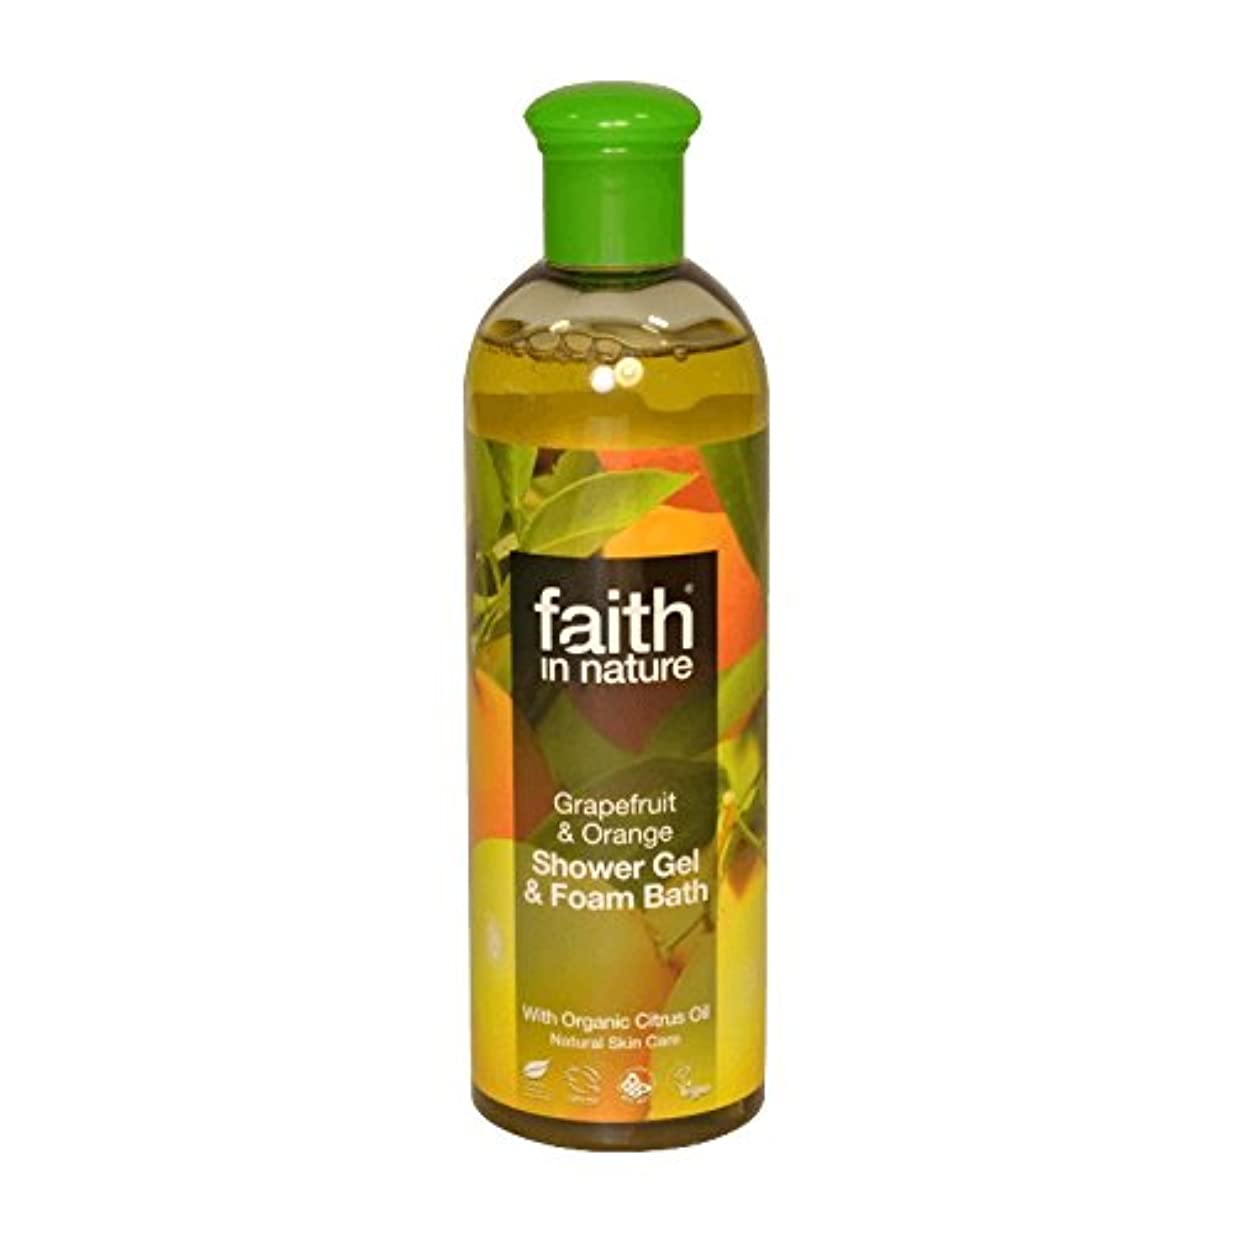 呼吸する農民バンガローFaith in Nature Grapefruit & Orange Shower Gel & Bath Foam 400ml (Pack of 2) - 自然グレープフルーツ&オレンジシャワージェル&バス泡400ミリリットルの信仰 (x2) [並行輸入品]